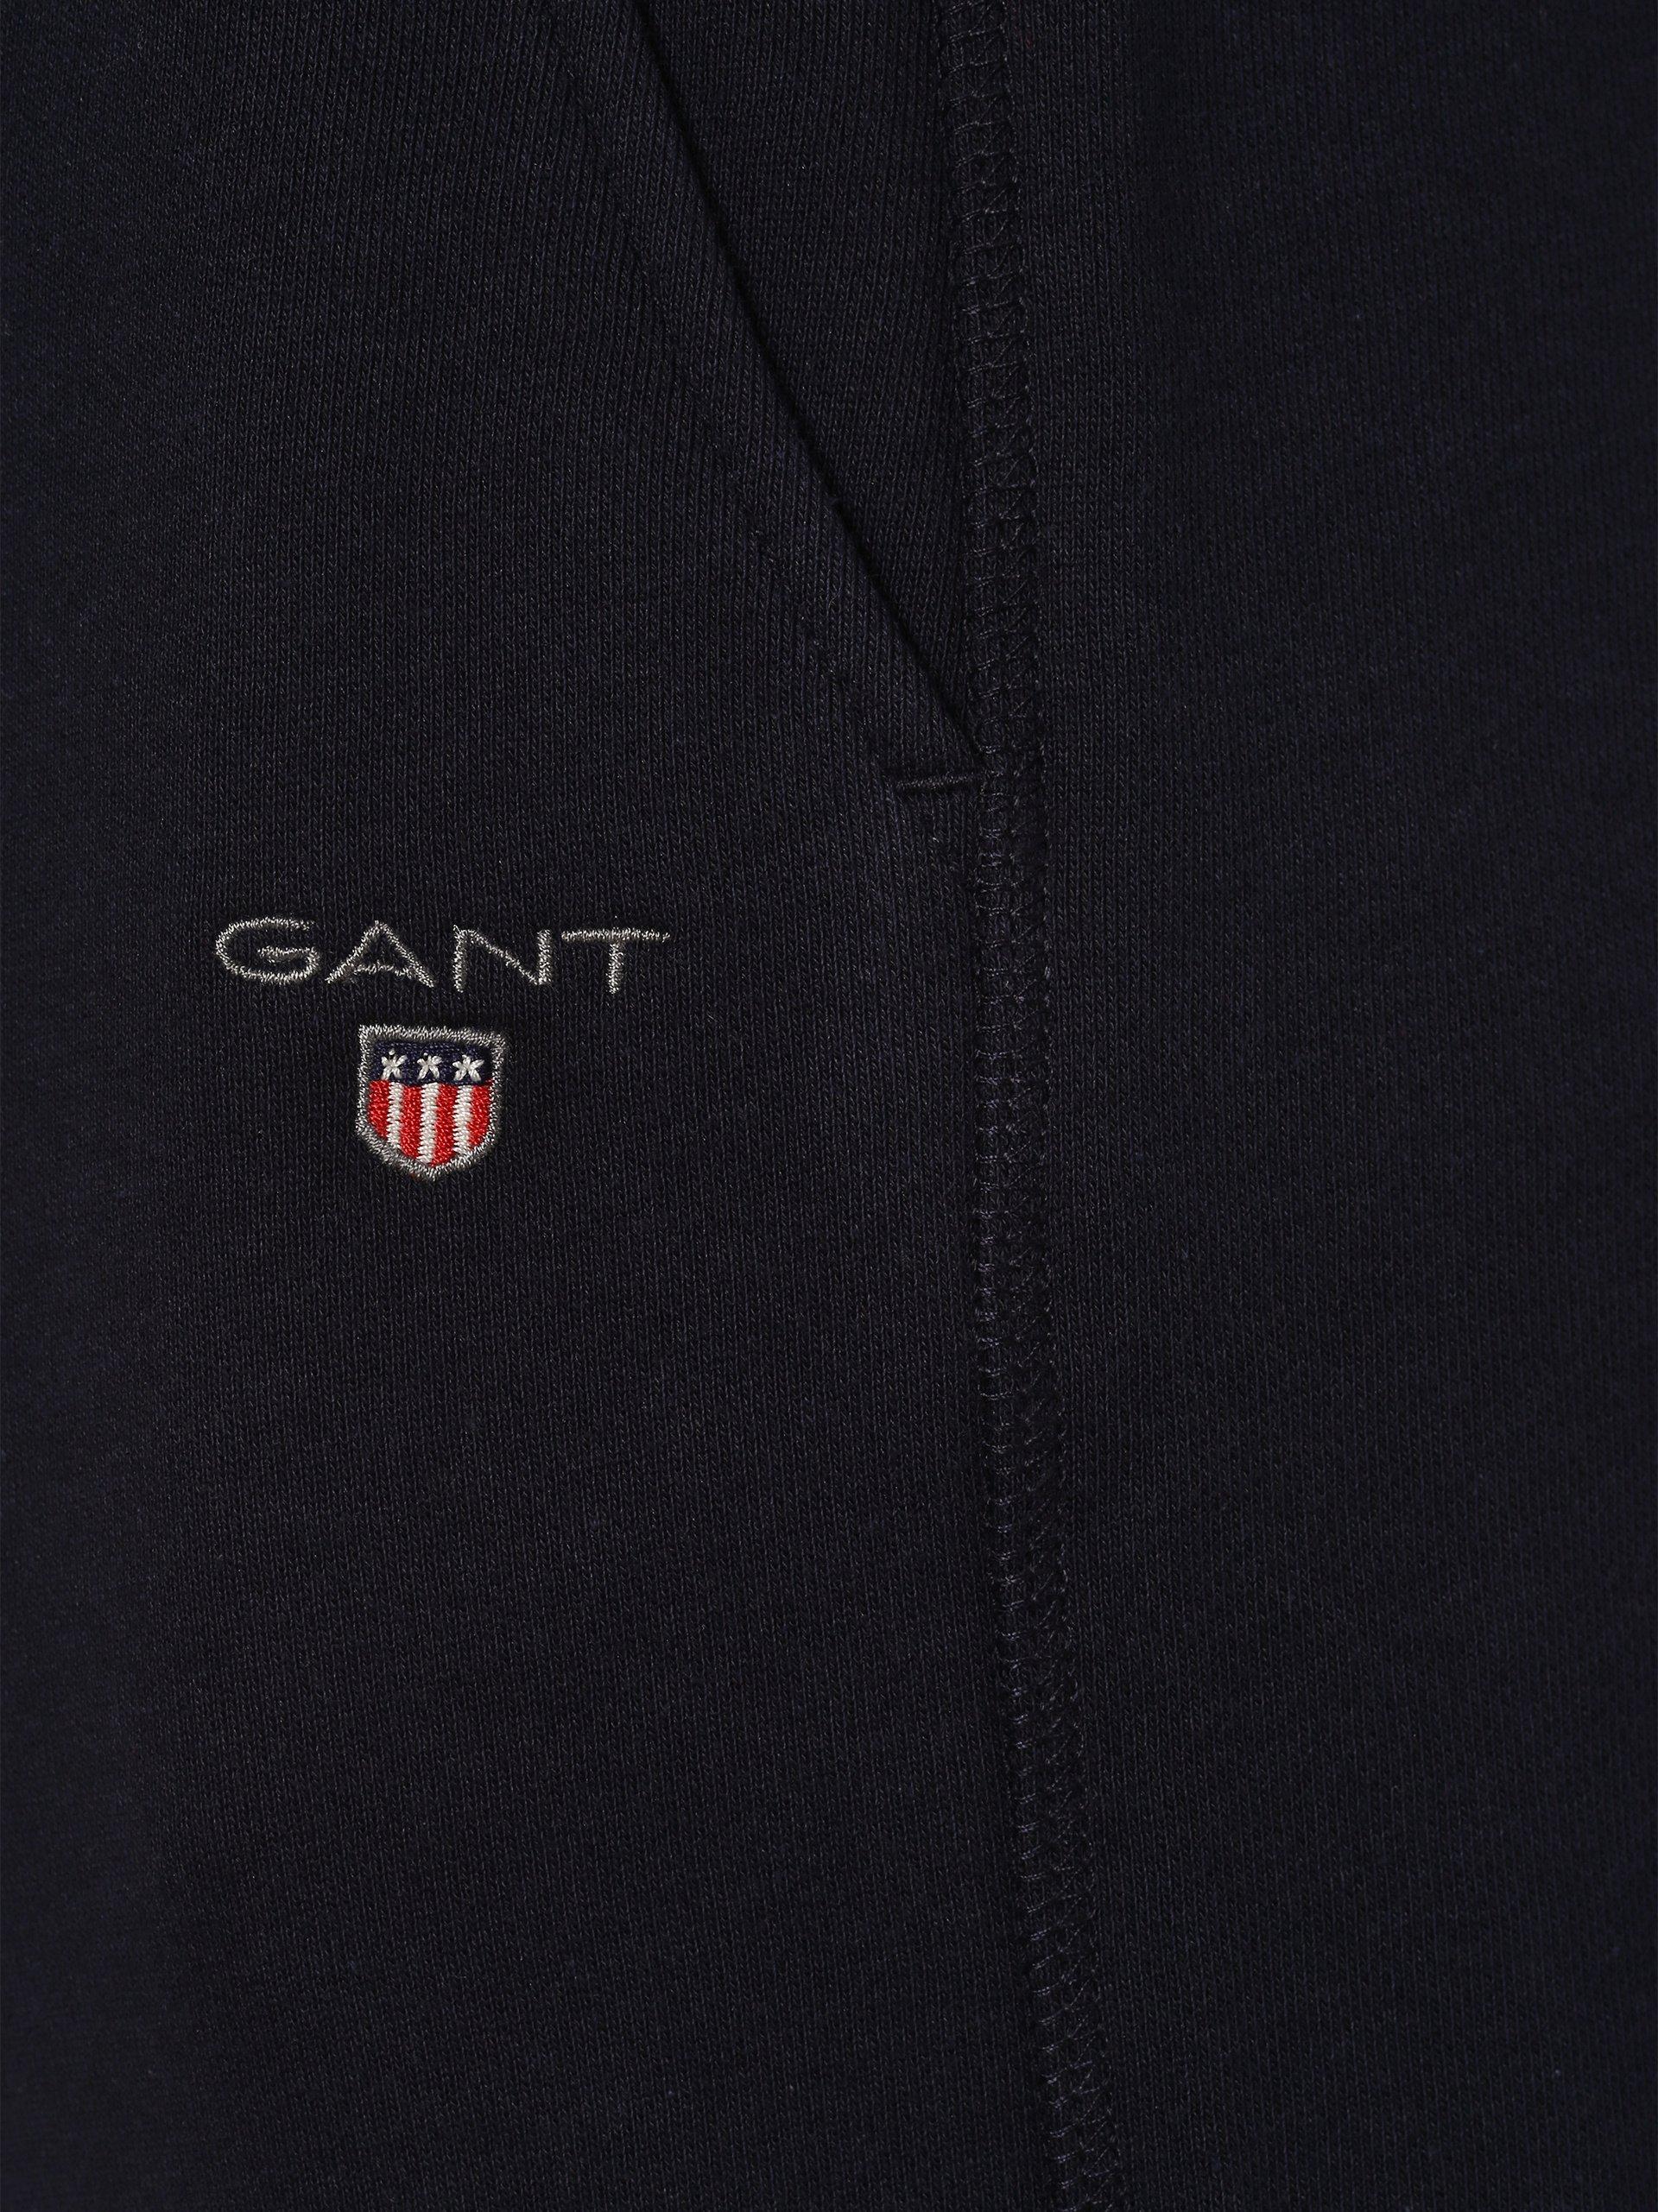 Gant Spodnie dresowe męskie